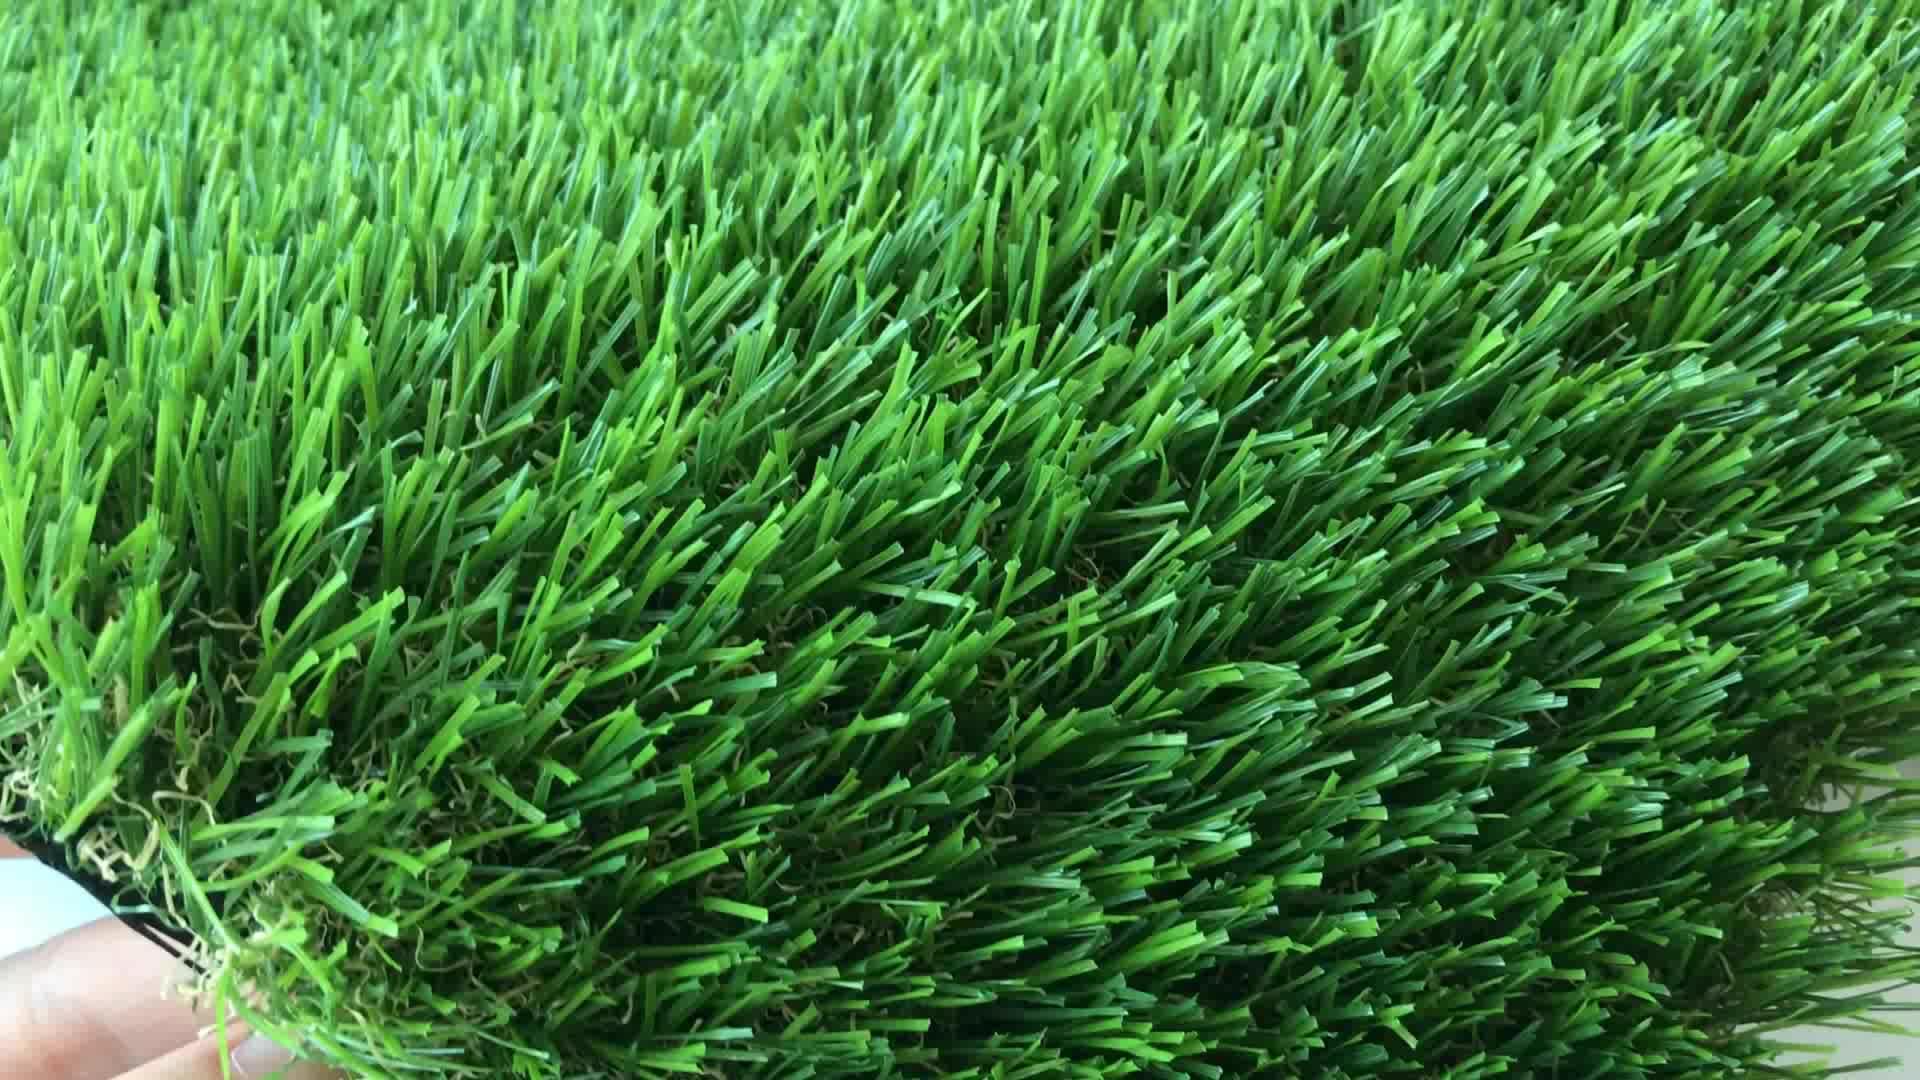 Искусственном газоне пейзаж Китая, китайский пейзаж искусственная трава ценам